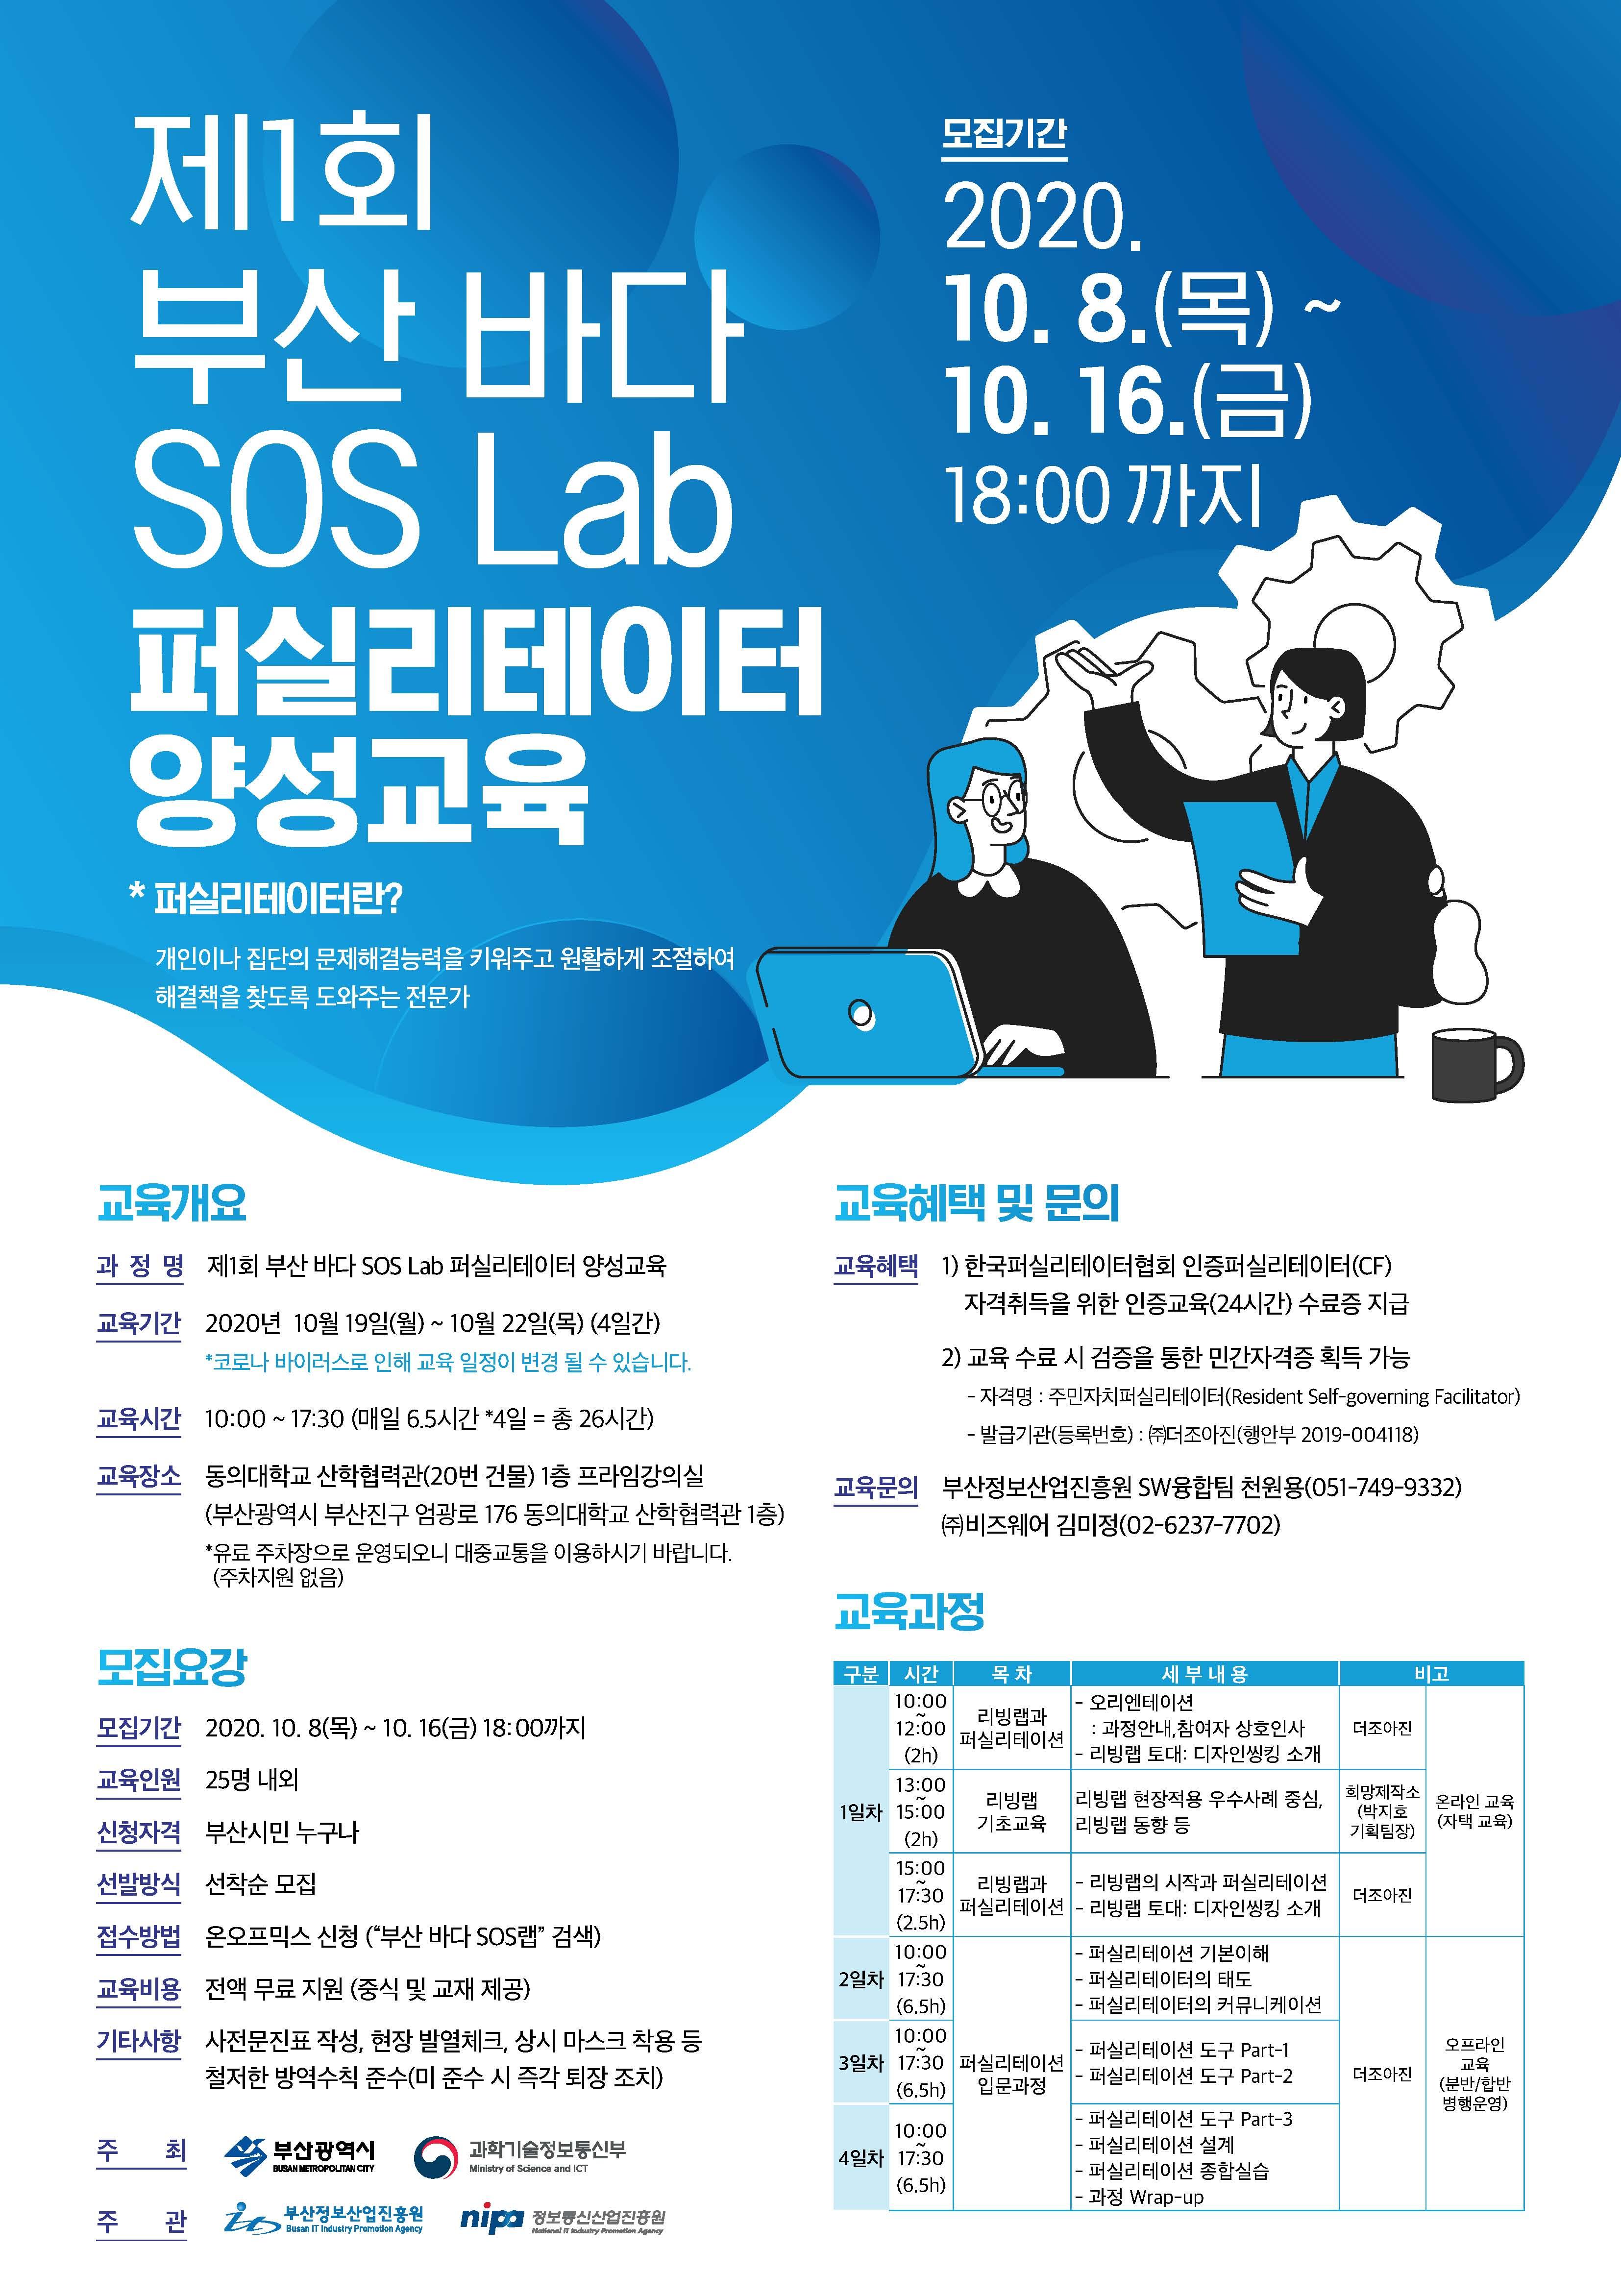 제1회 부산 바다 SOS LAb 퍼실리테이터 양성 교육